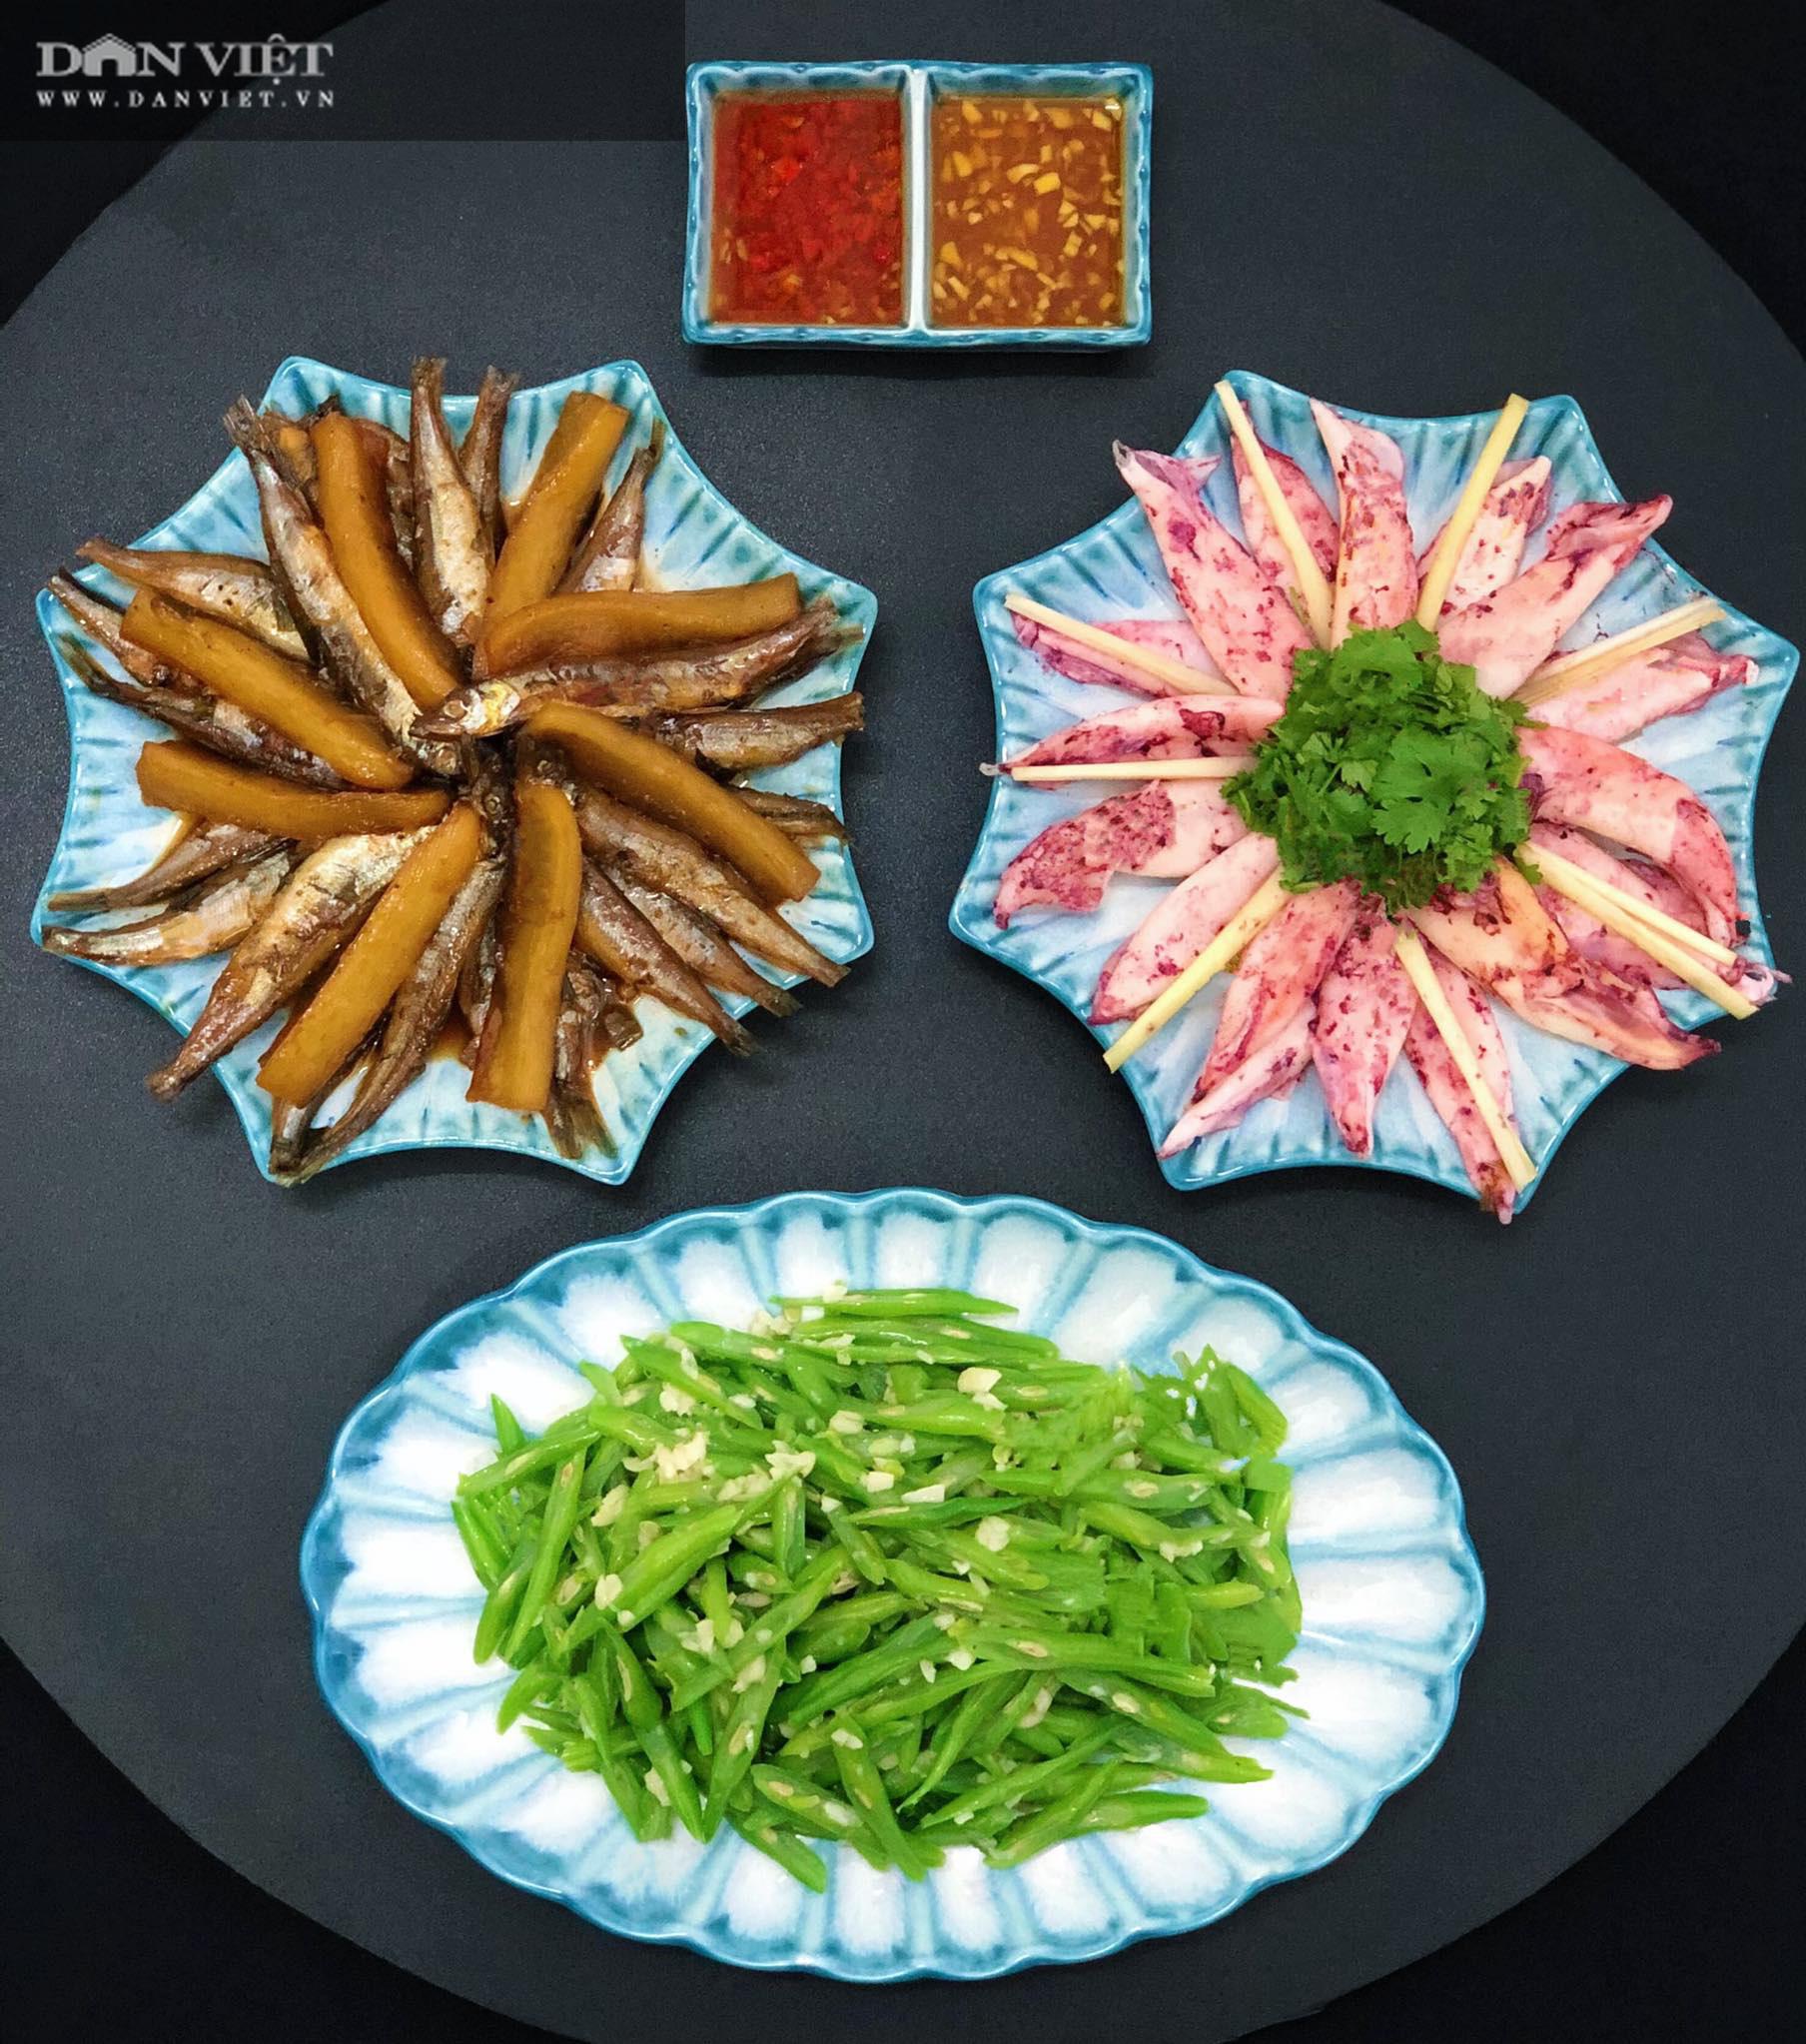 Mẹ đảm Hà thành gợi ý thực đơn cơm nhà đẹp mắt, đủ dinh dưỡng - Ảnh 3.